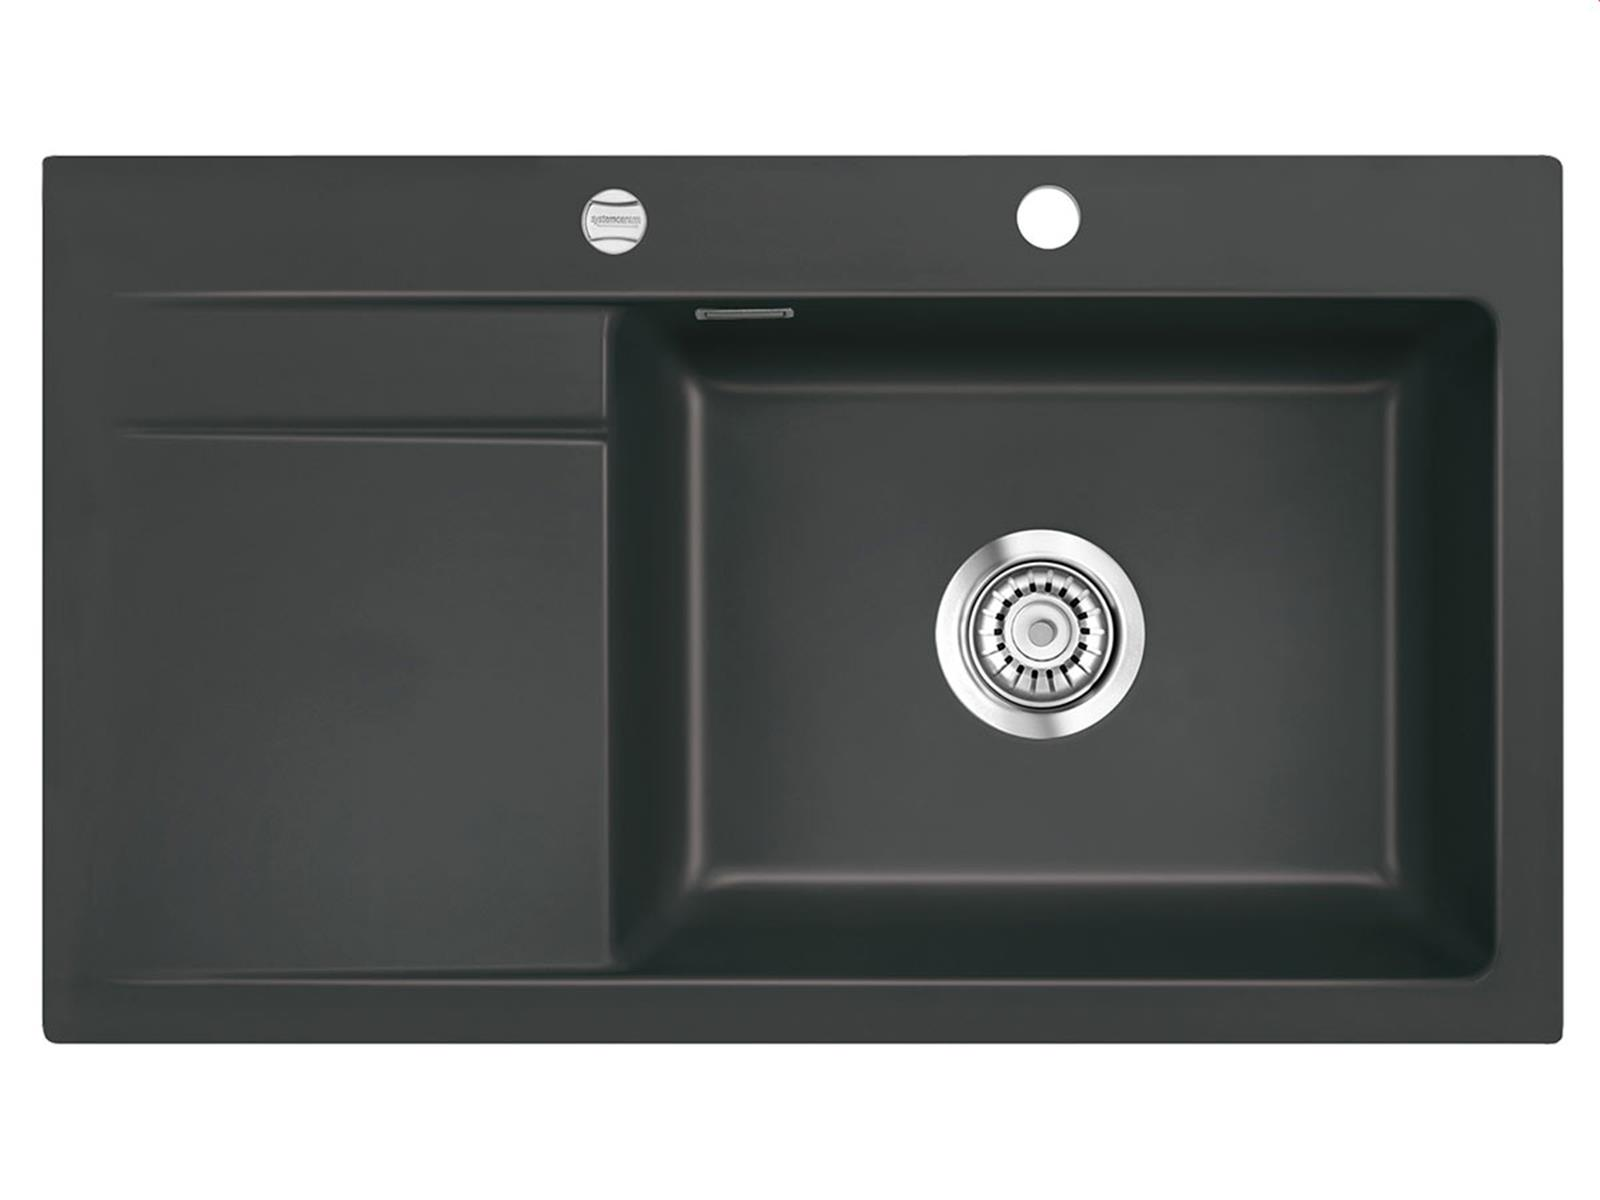 Systemceram Stema 86 SL Schiefer Keramikspüle Excenterbetätigung